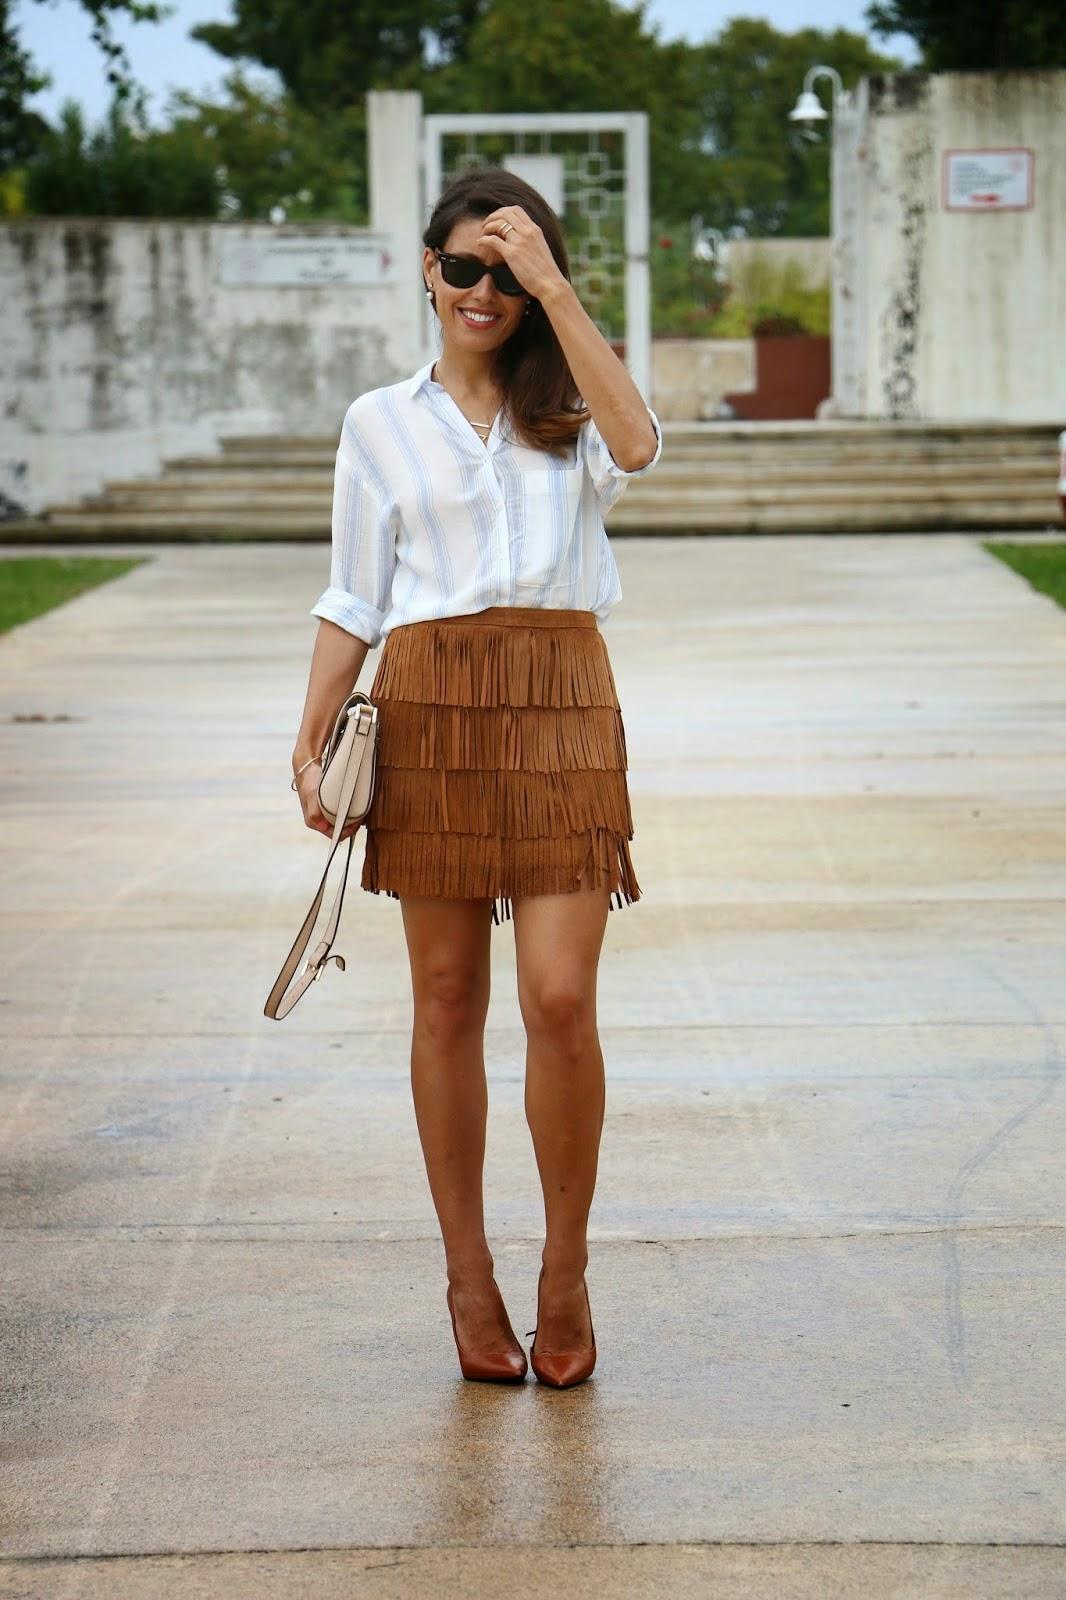 http://ilovefitametrica.blogspot.pt/2014/10/fringes-skirt.html